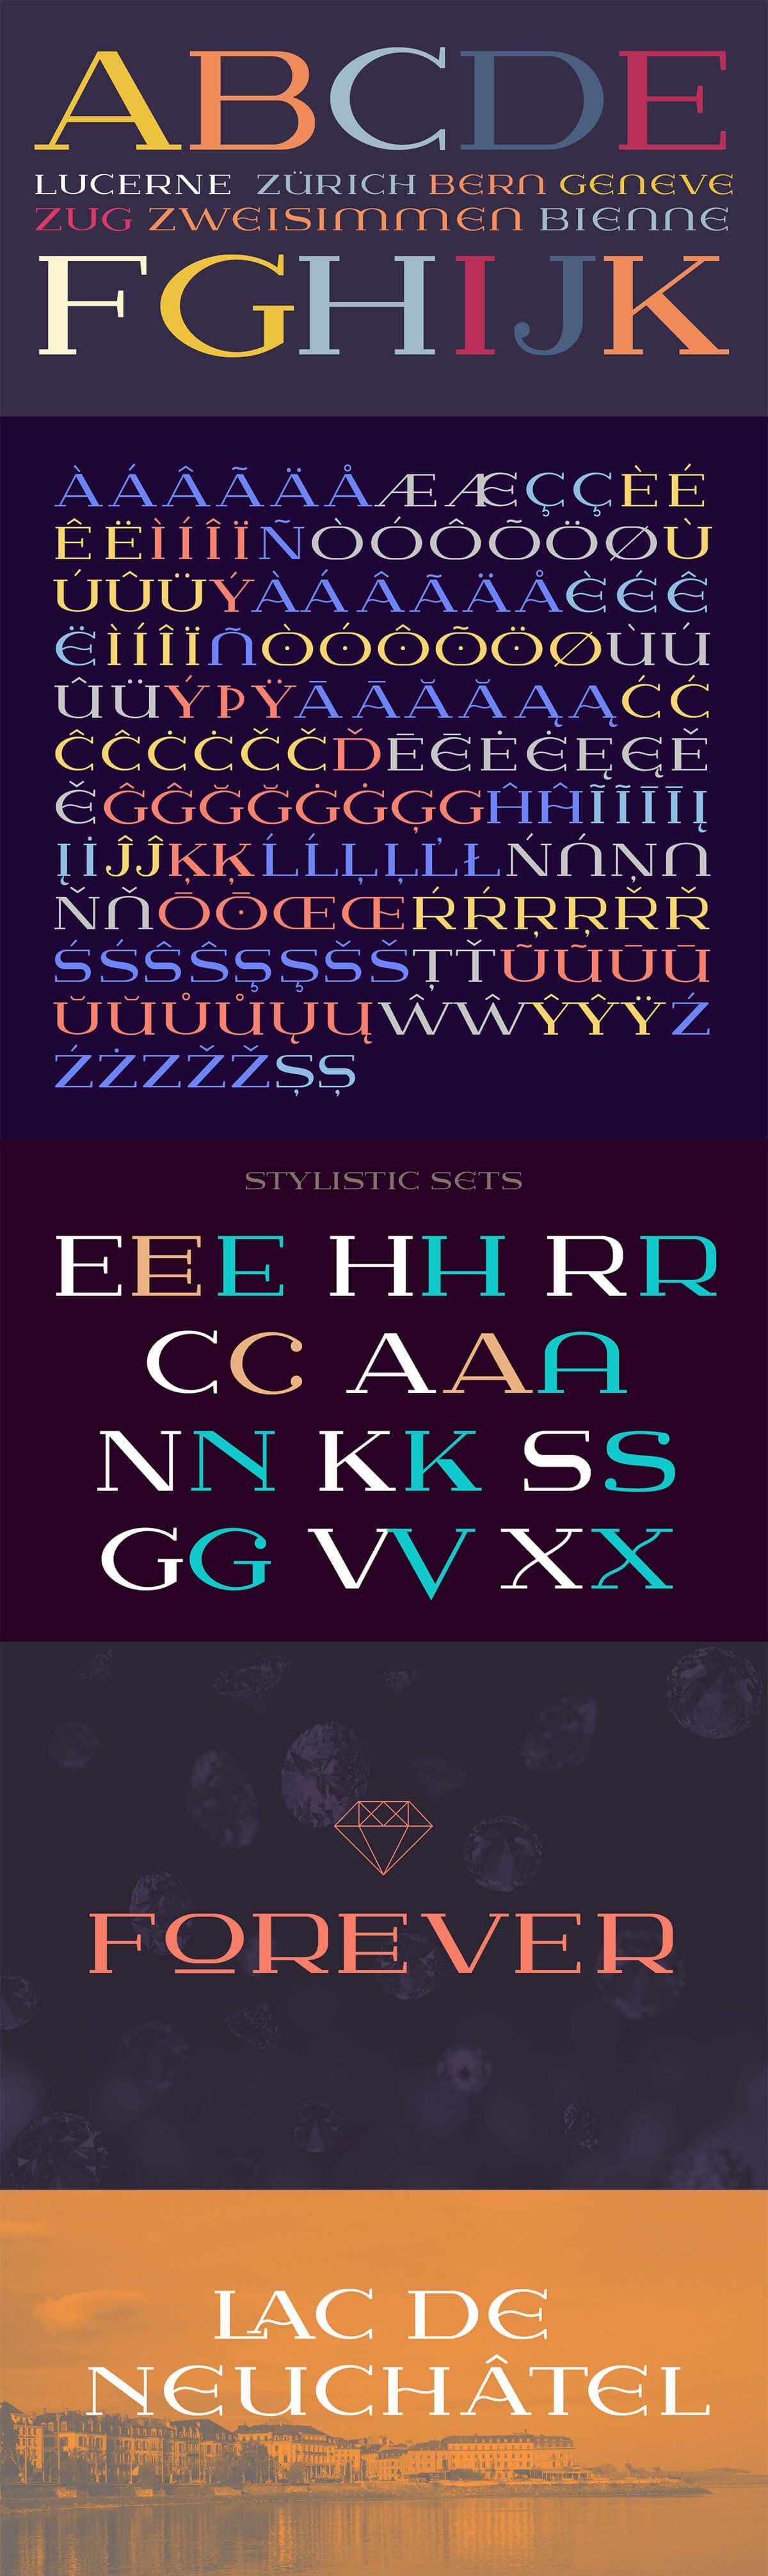 Free Lausanne Serif Font